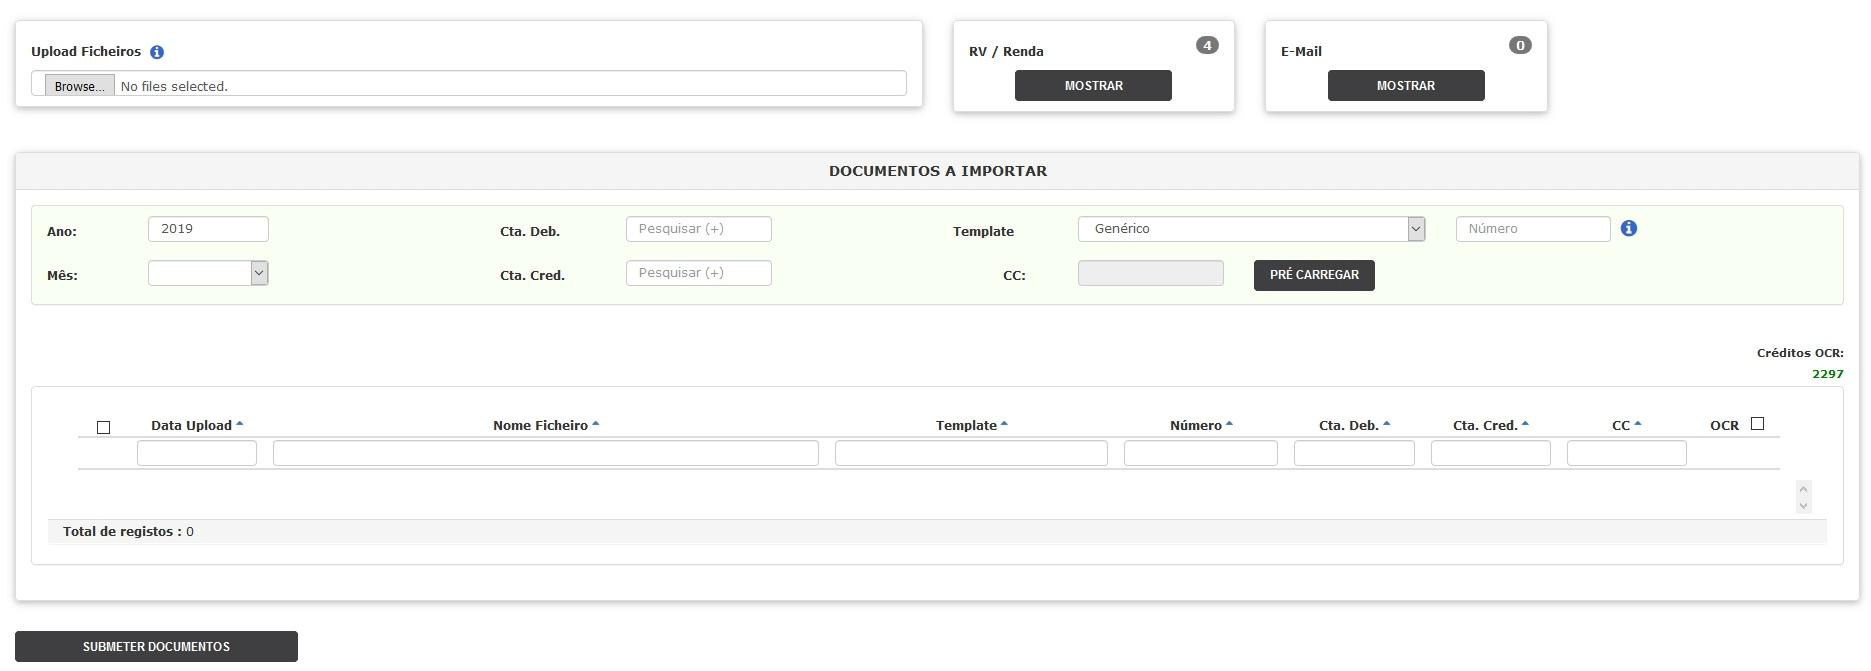 Upload dos documentos e envio para extracção de dados via AV